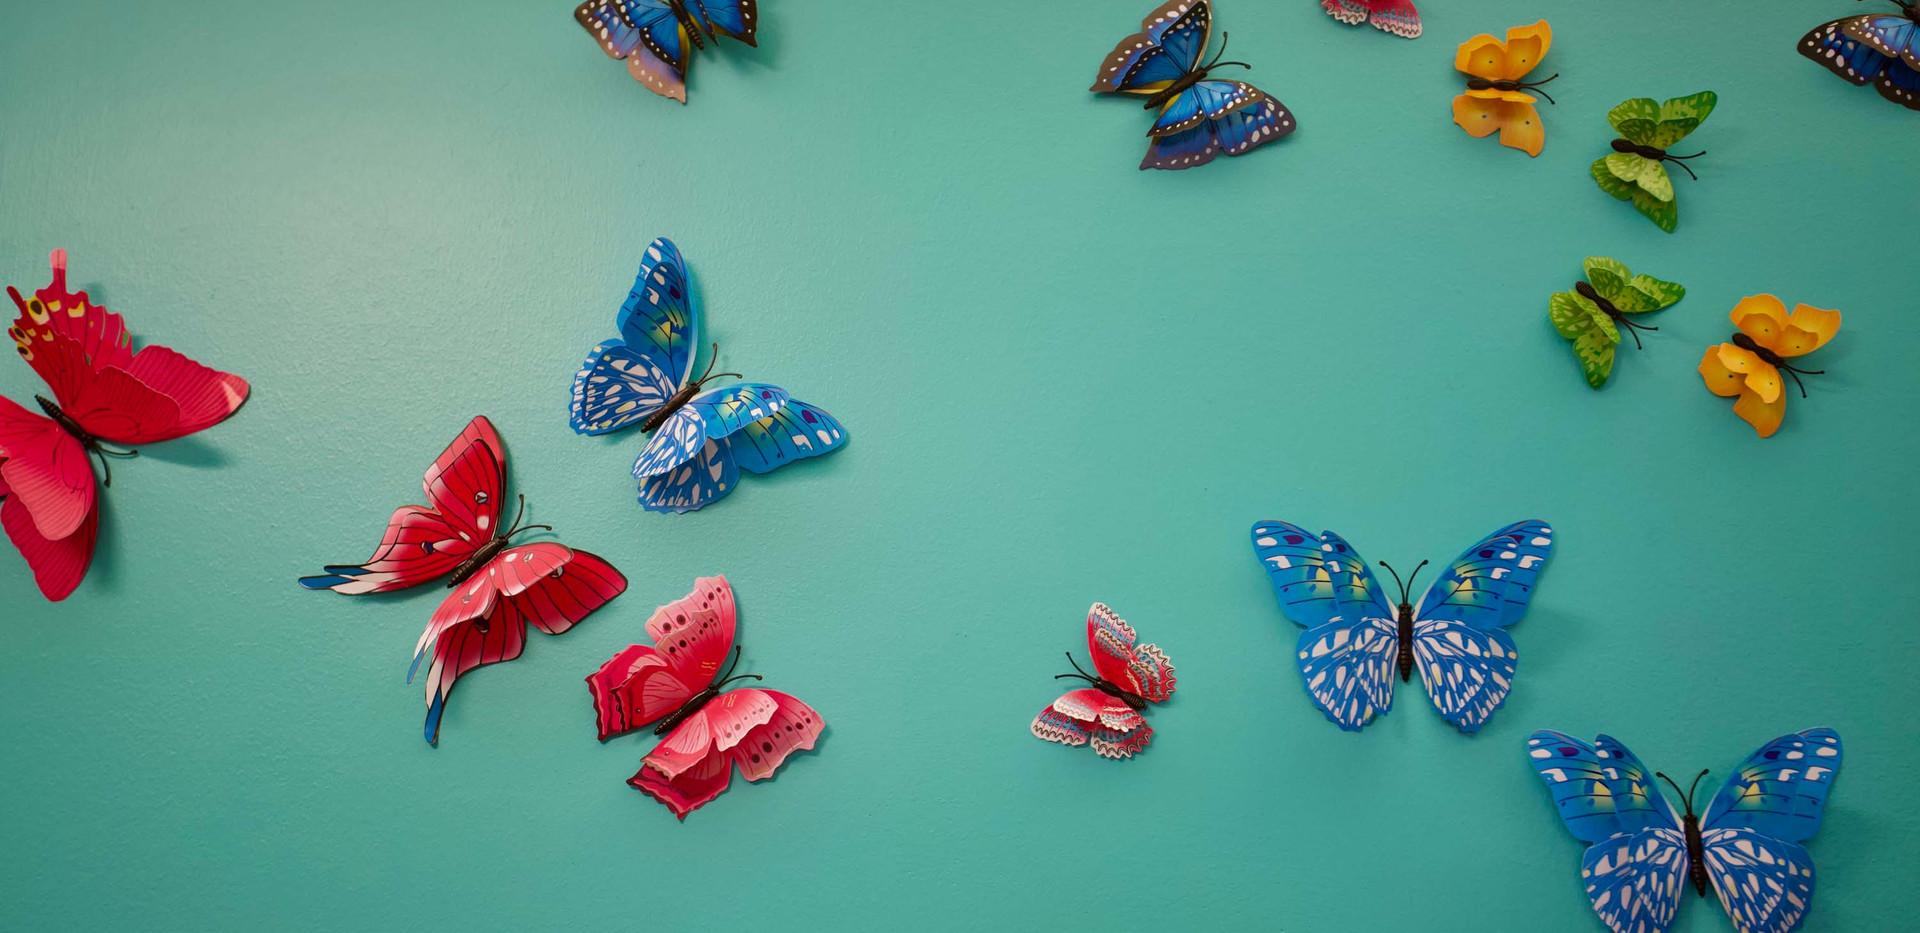 henley place butterfly model butterfly wall